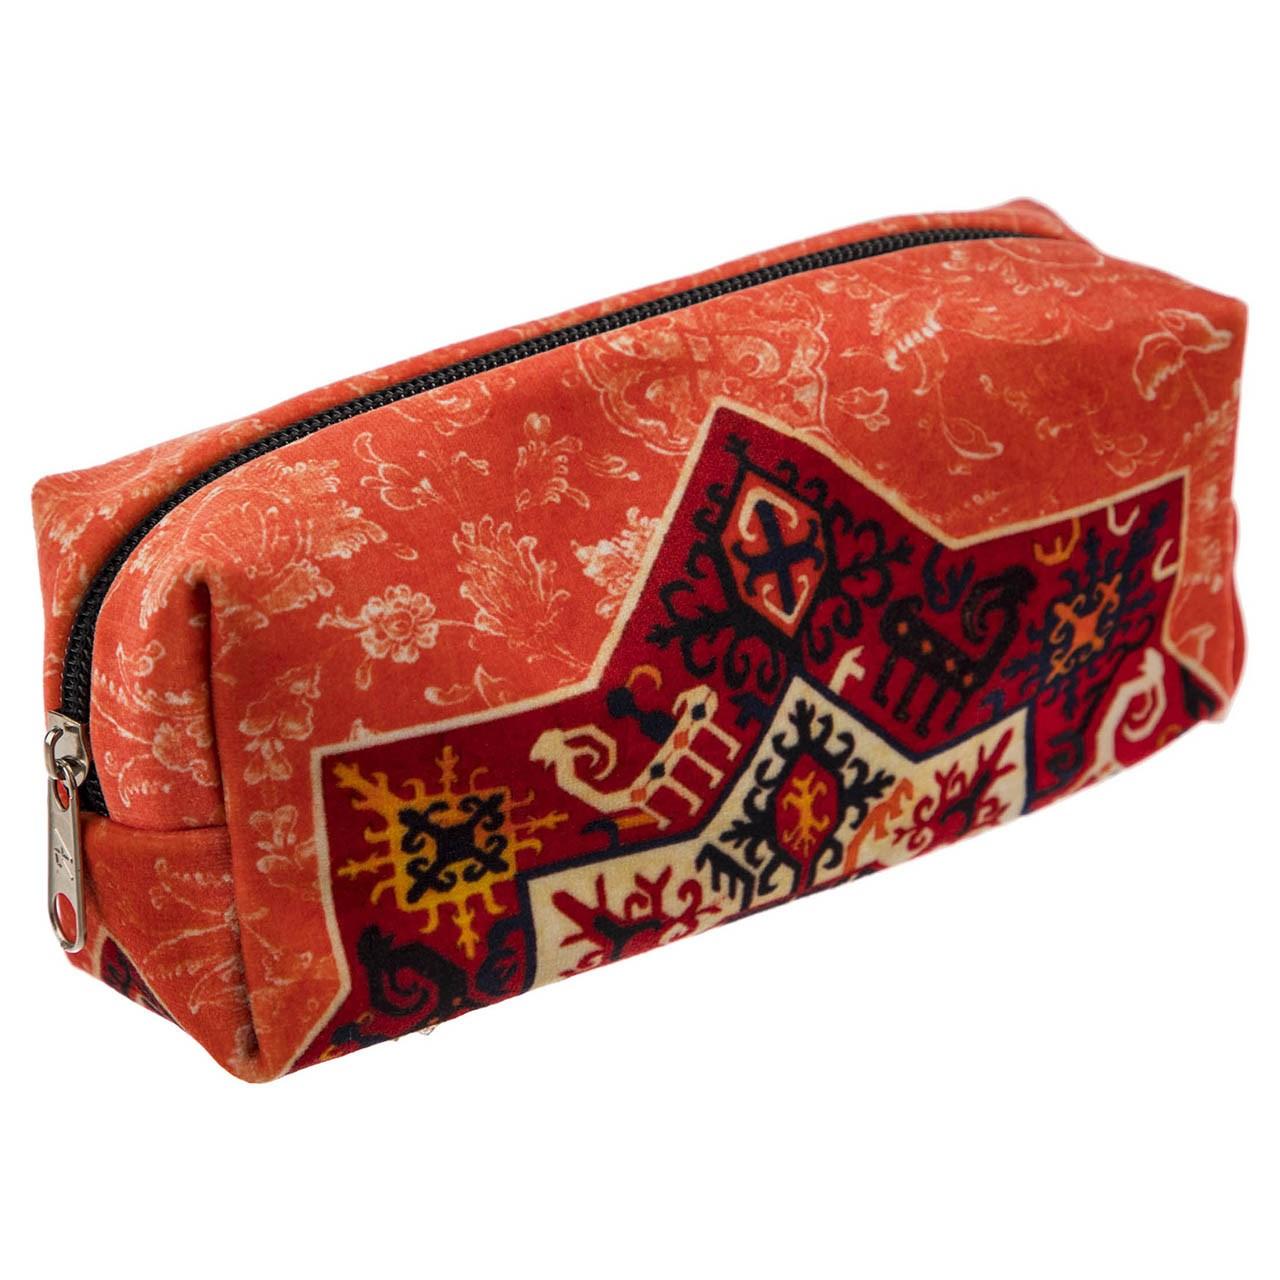 قیمت کیف لوازم آرایش شیرو اسپرت مدل SH6005